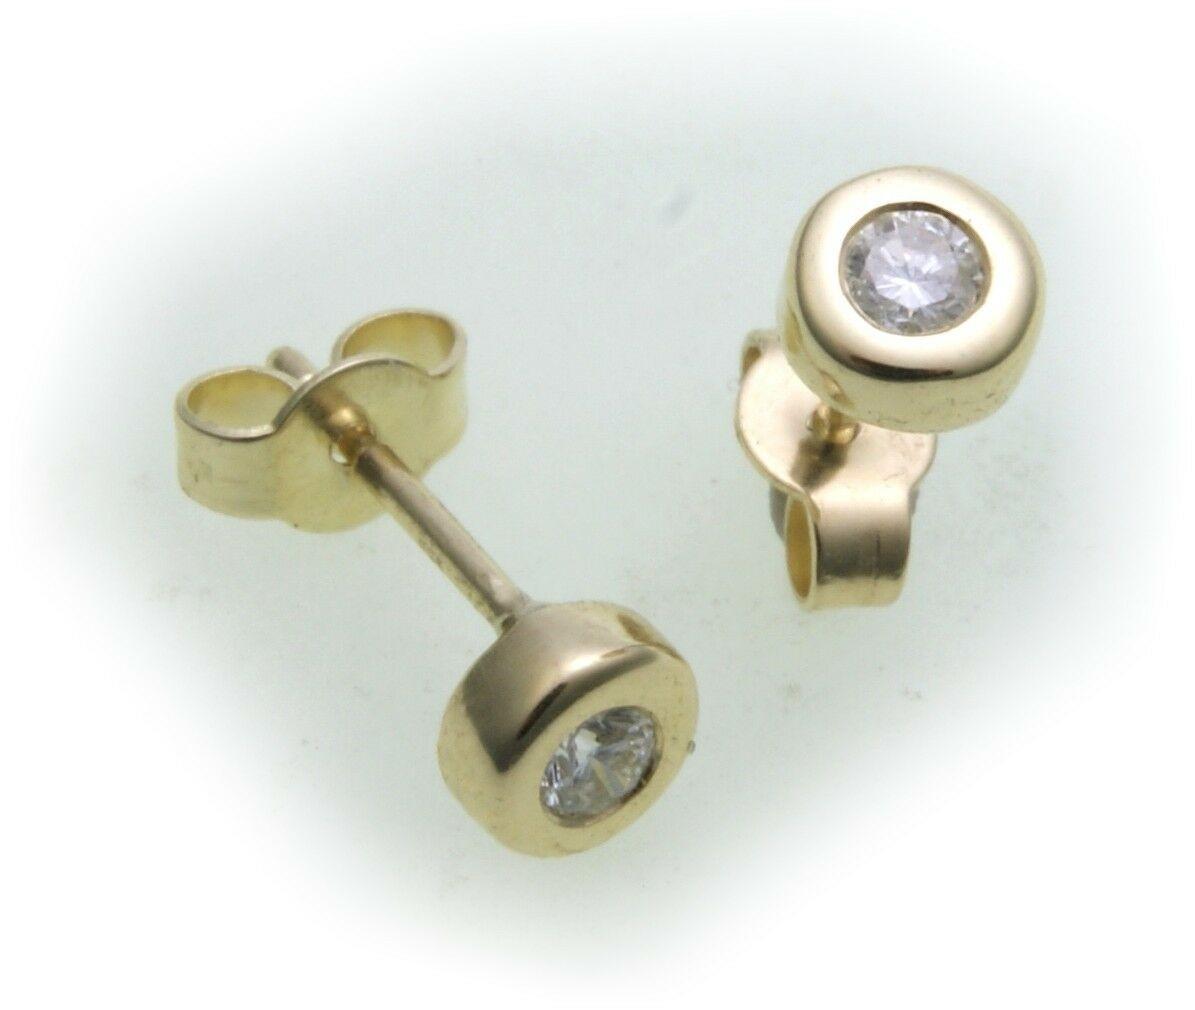 Damen Ohrringe Ohrstecker echt Gold 585 Brillant 0,10 ct 14 kt Gelbgold Diamant